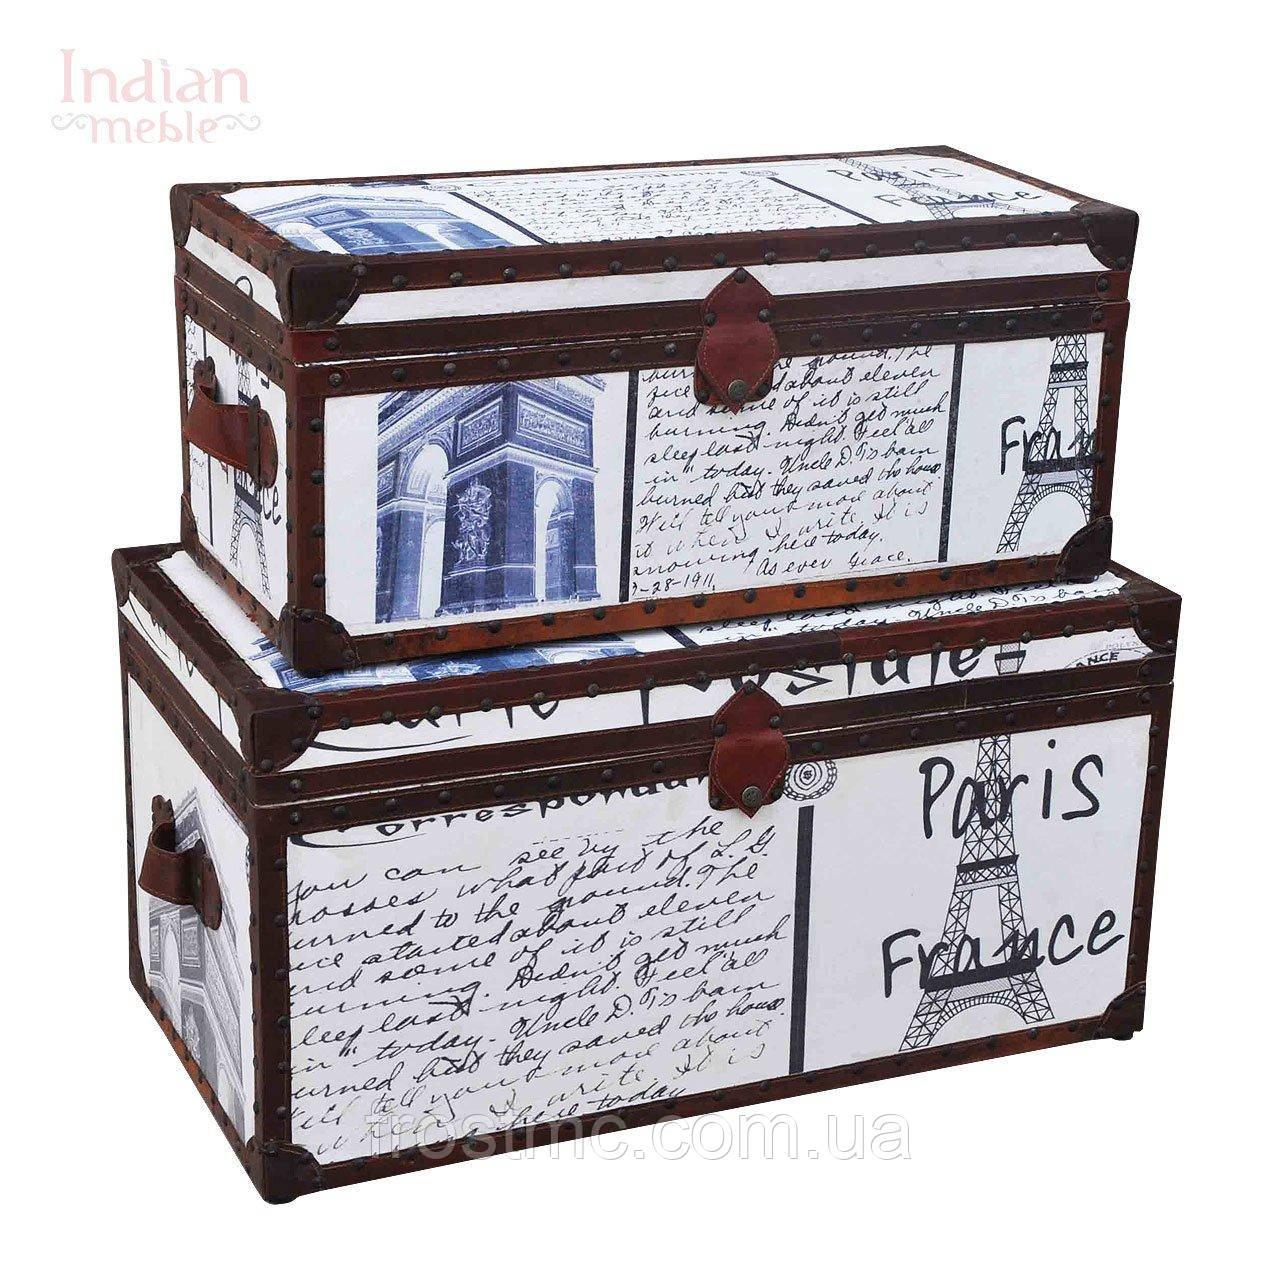 Індійські скрині/ящики